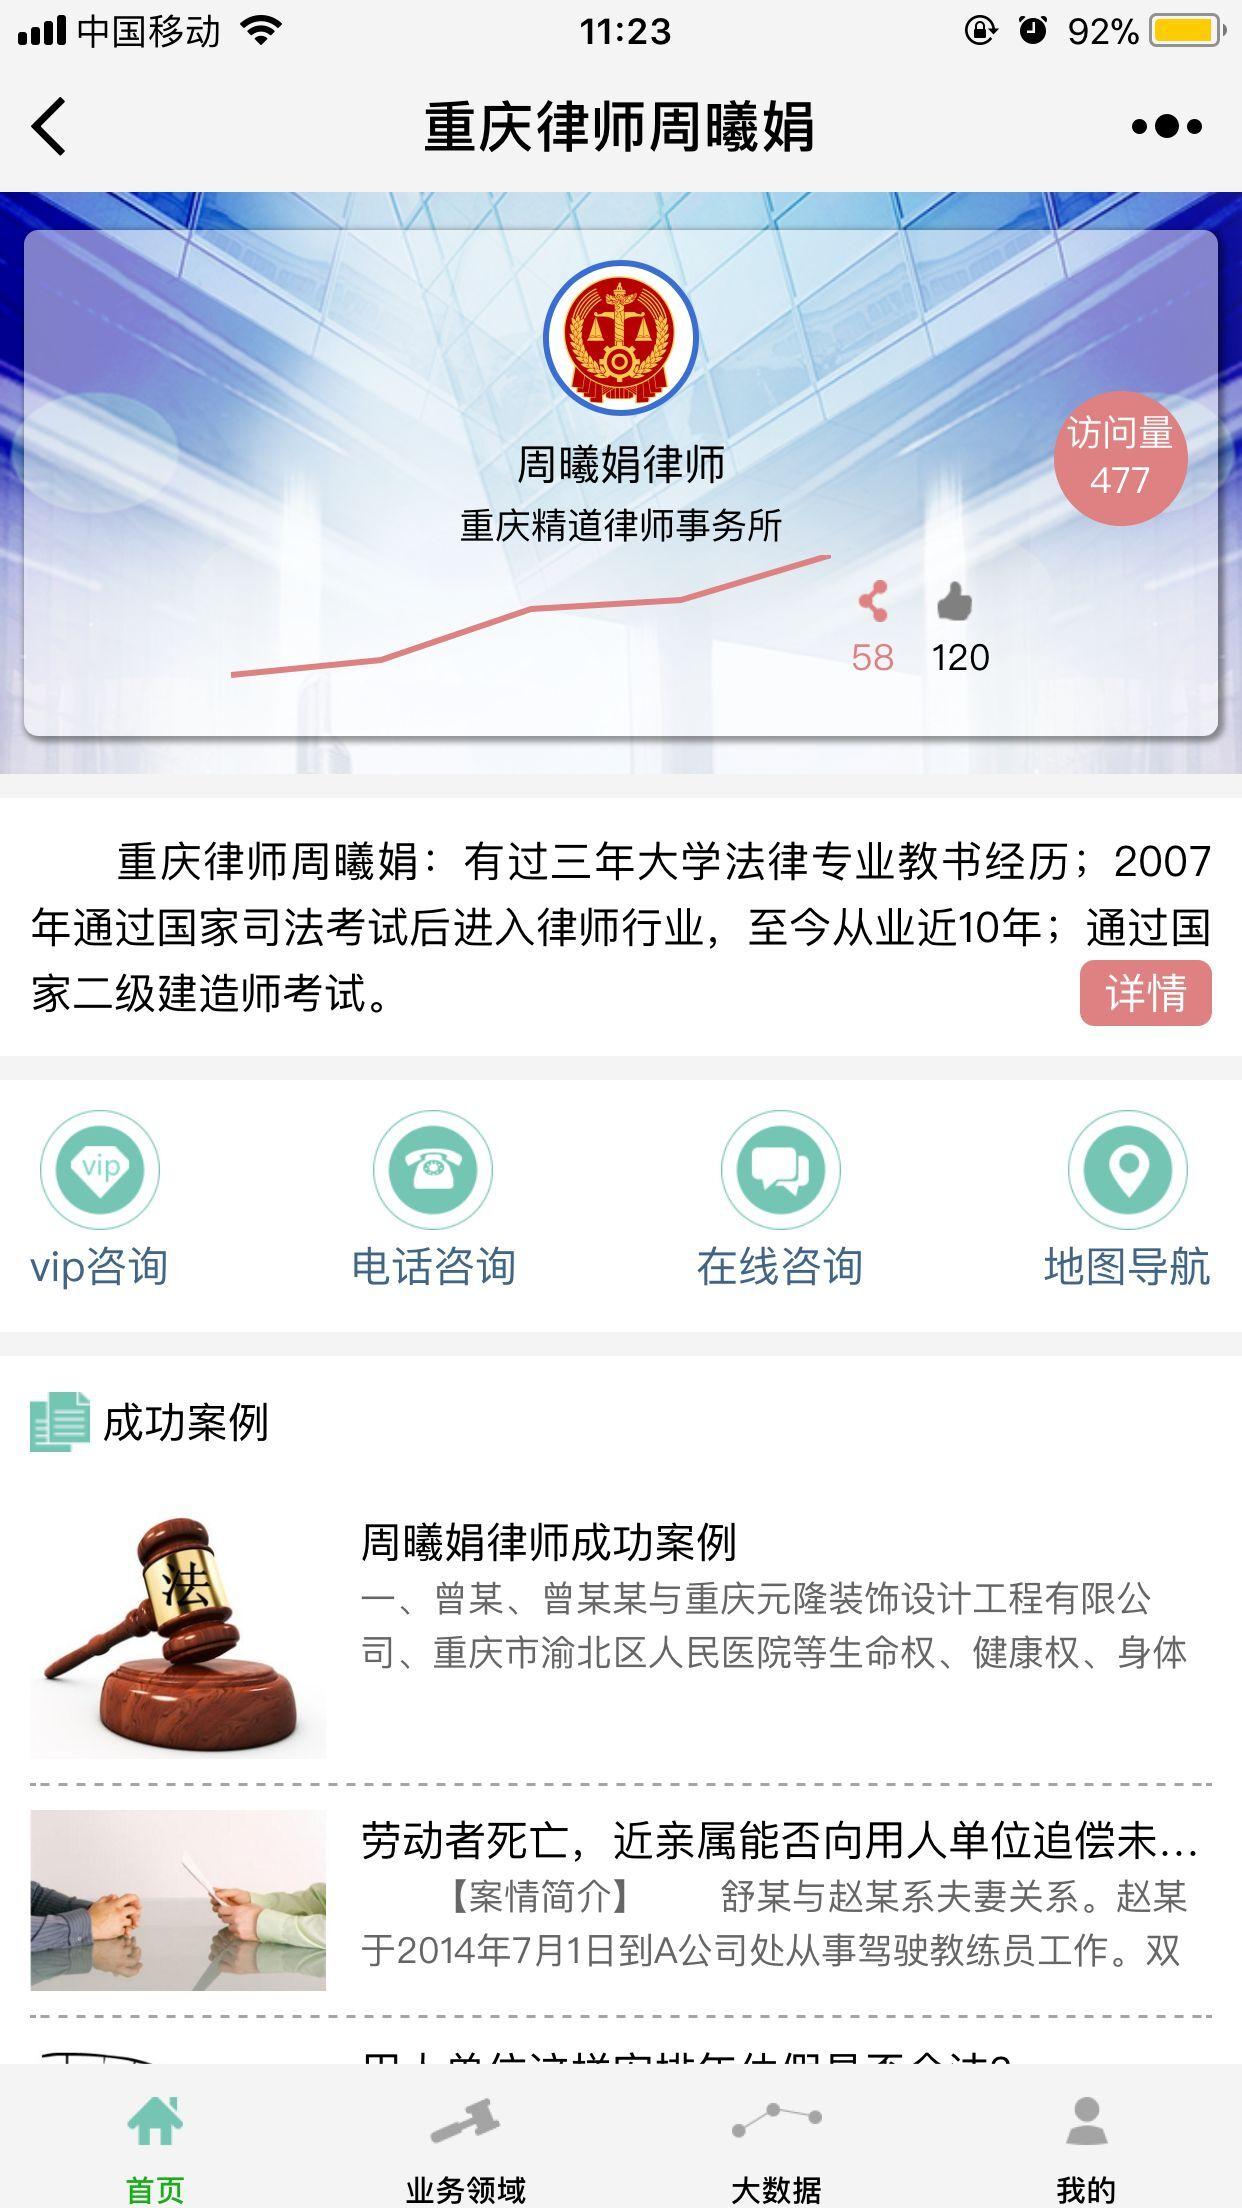 重庆律师周曦娟小程序